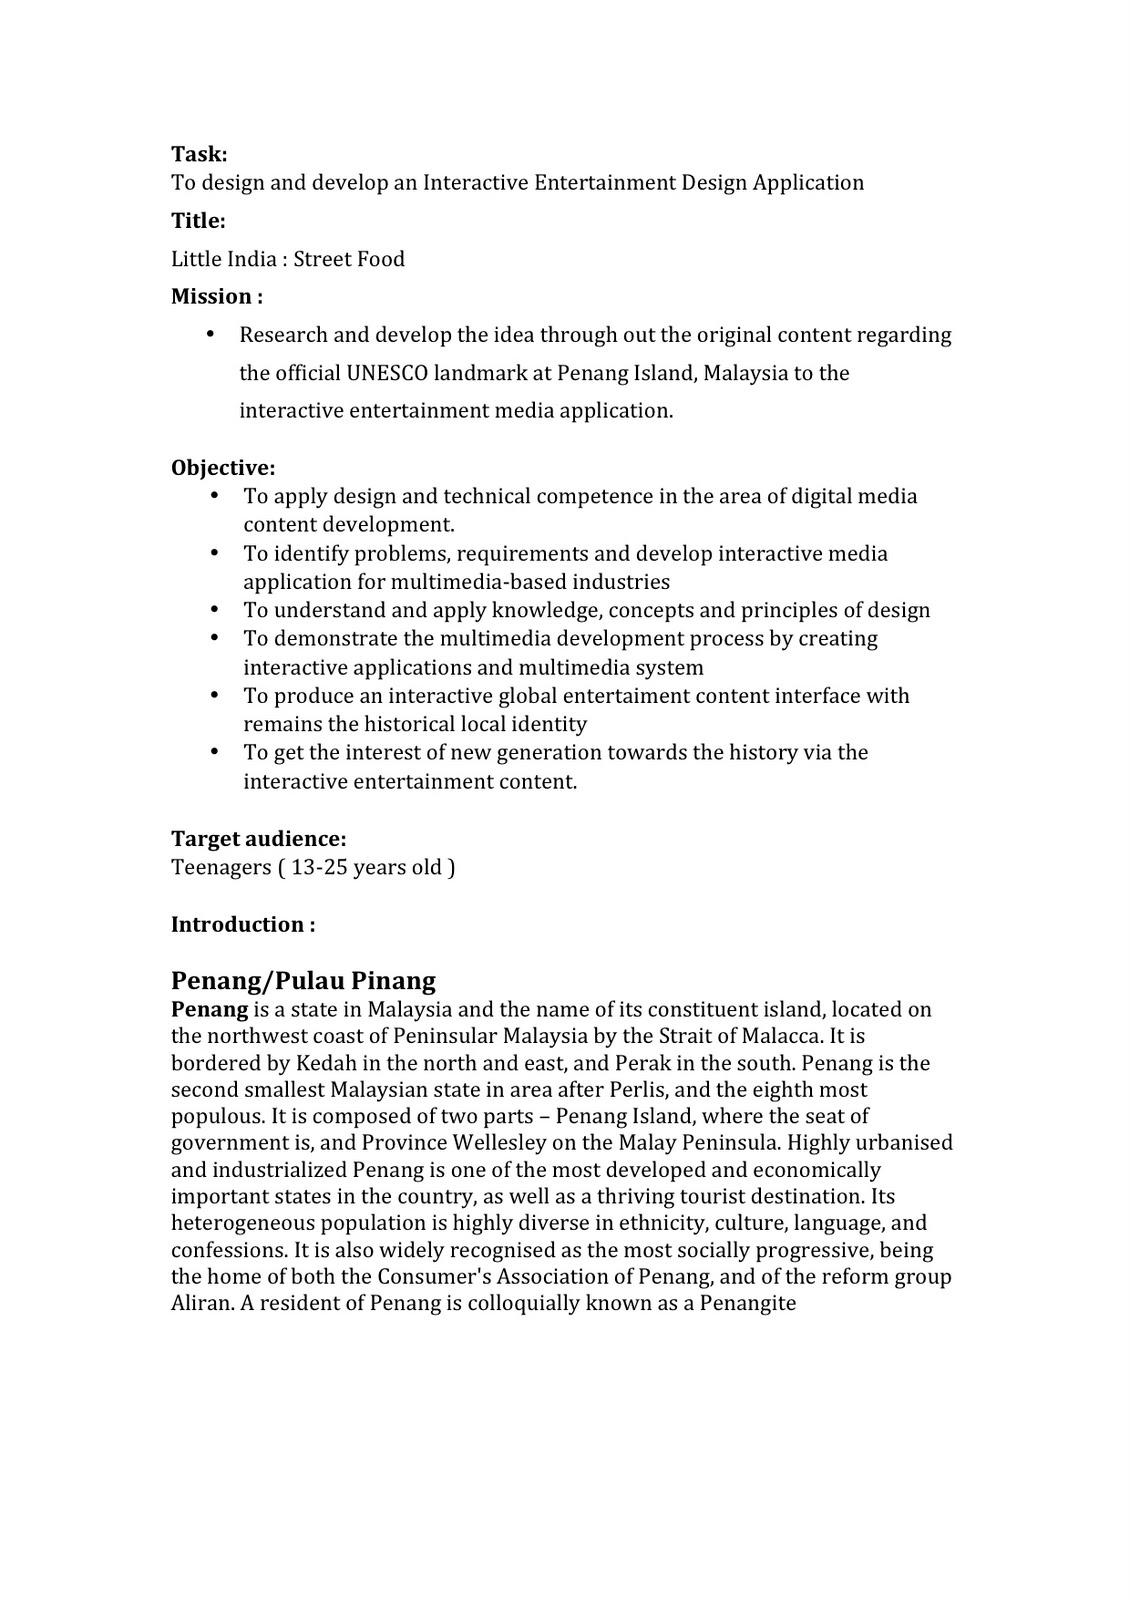 SYAFIQ AZHAR : DIGITAL MEDIA DESIGN 2: PROJECT PROPOSAL